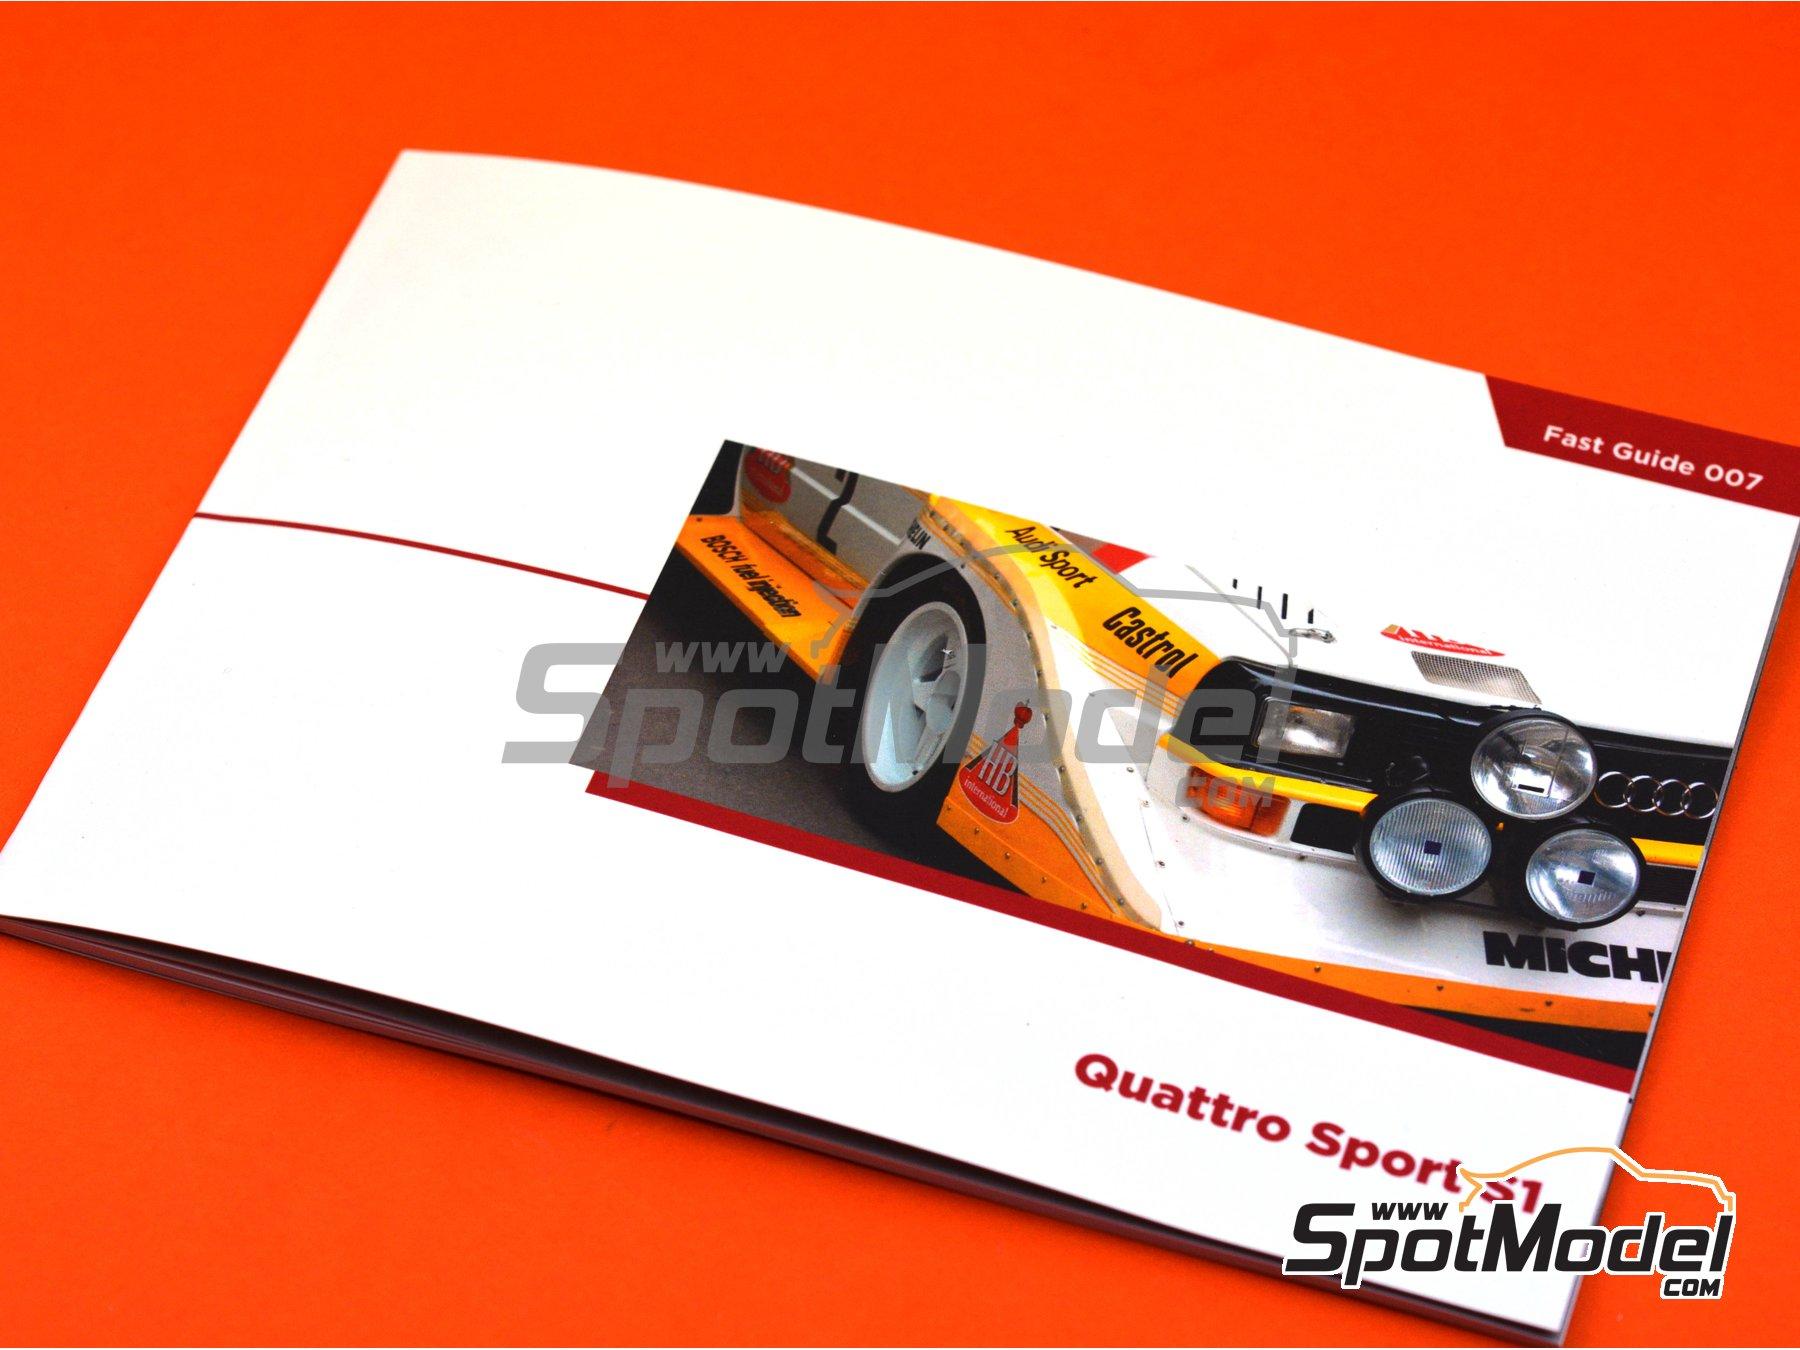 Image 4: Audi Quattro Sport S1 | Libro de referencia fabricado por Komakai (ref.KOM-FG007)